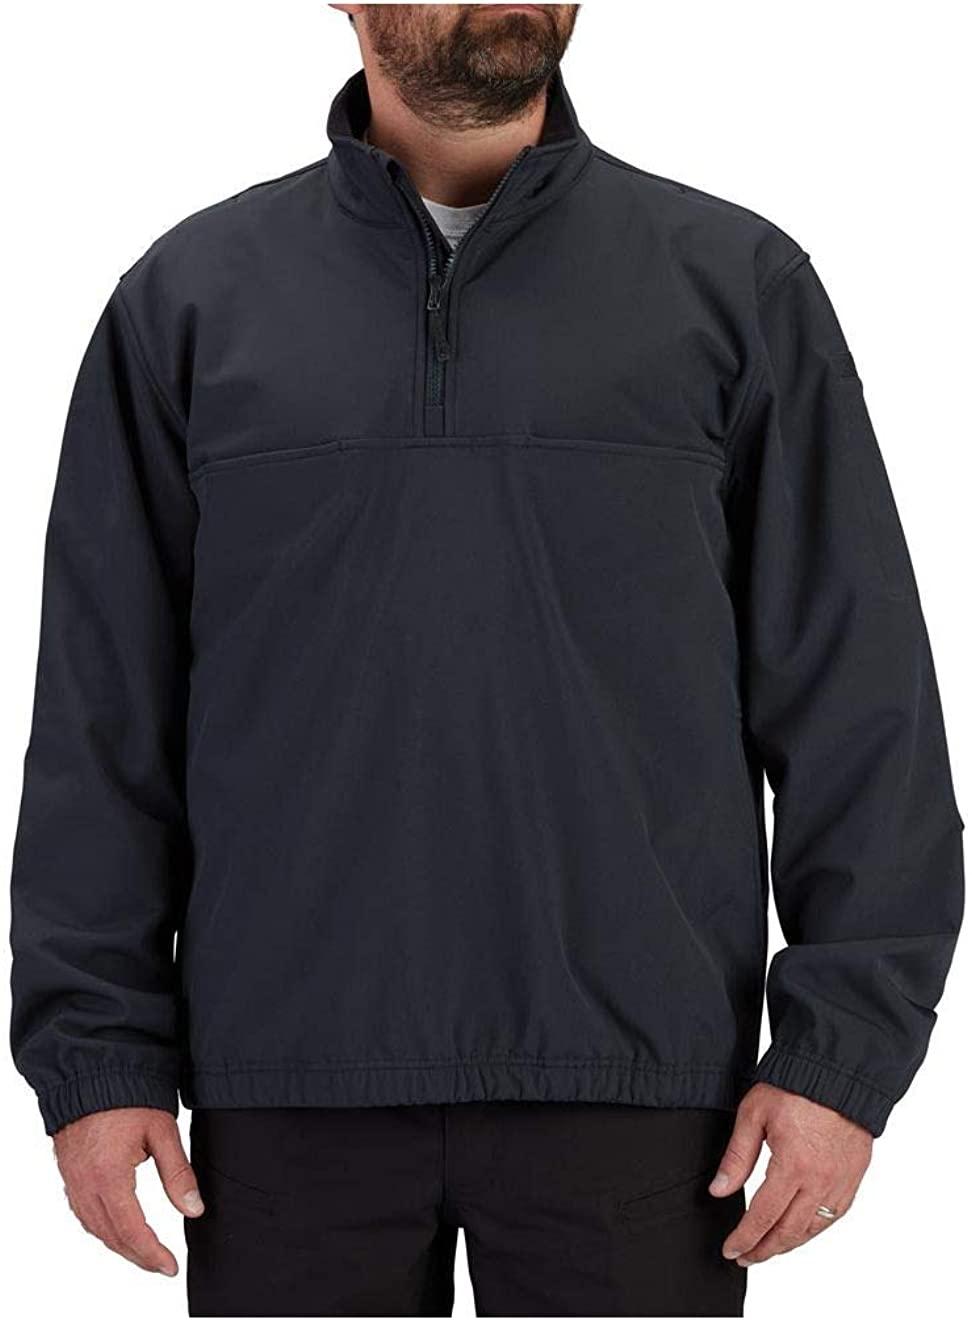 Propper Unisex-Adult 1/4 Zip Soft Shell Job Shirt